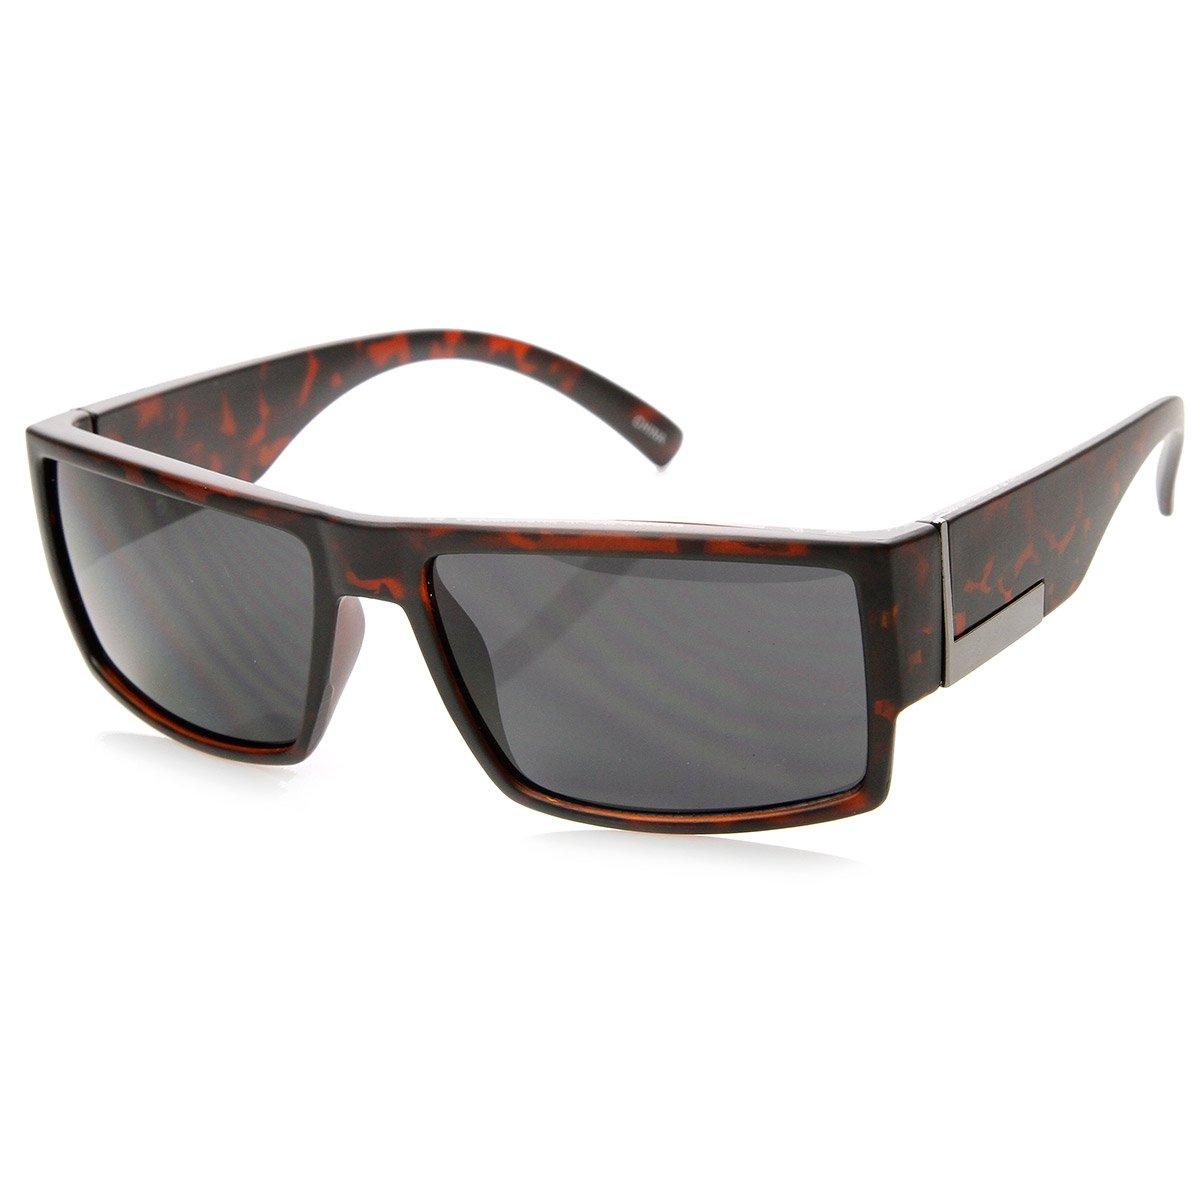 Mens Action Sports Basic Rectangular Frame Sunglasses (Matte-Tortoise Smoke)